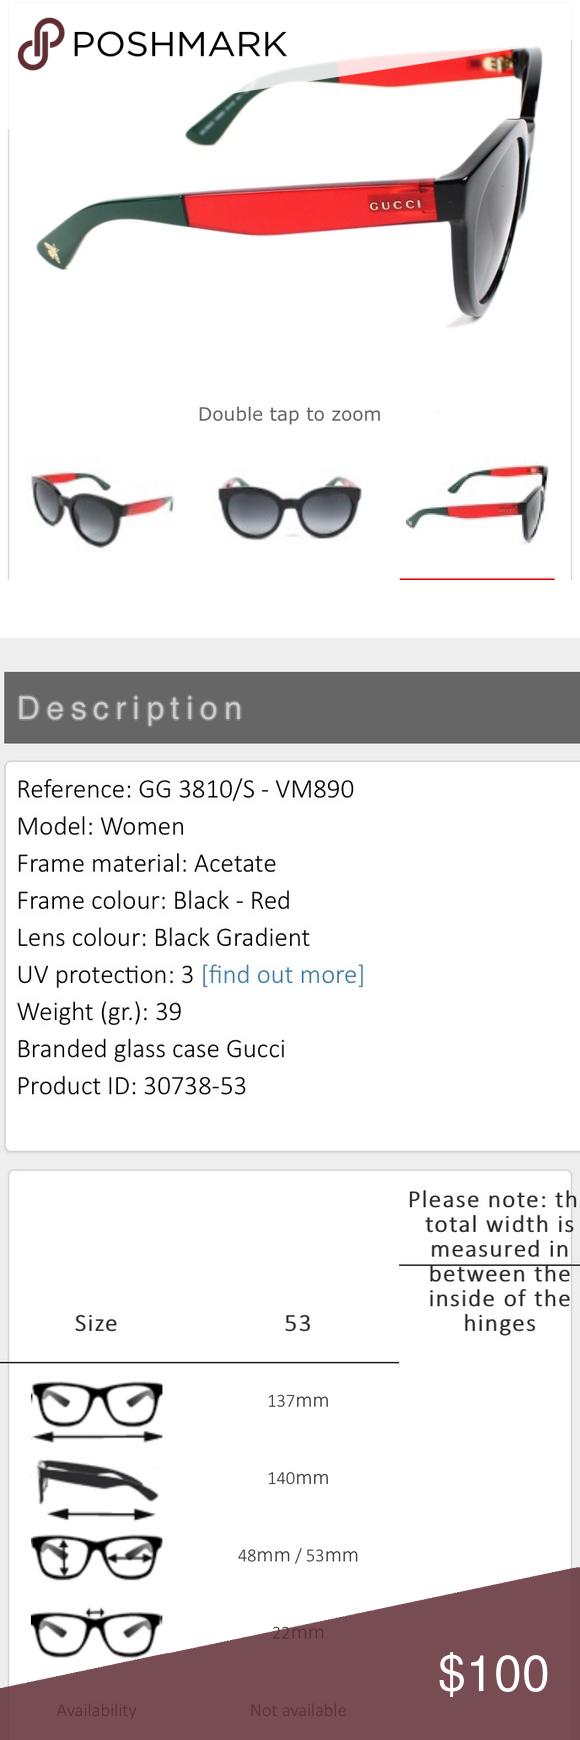 21360b29e3e NEW GUCCI Sunglasses GG381 -VM890(Black